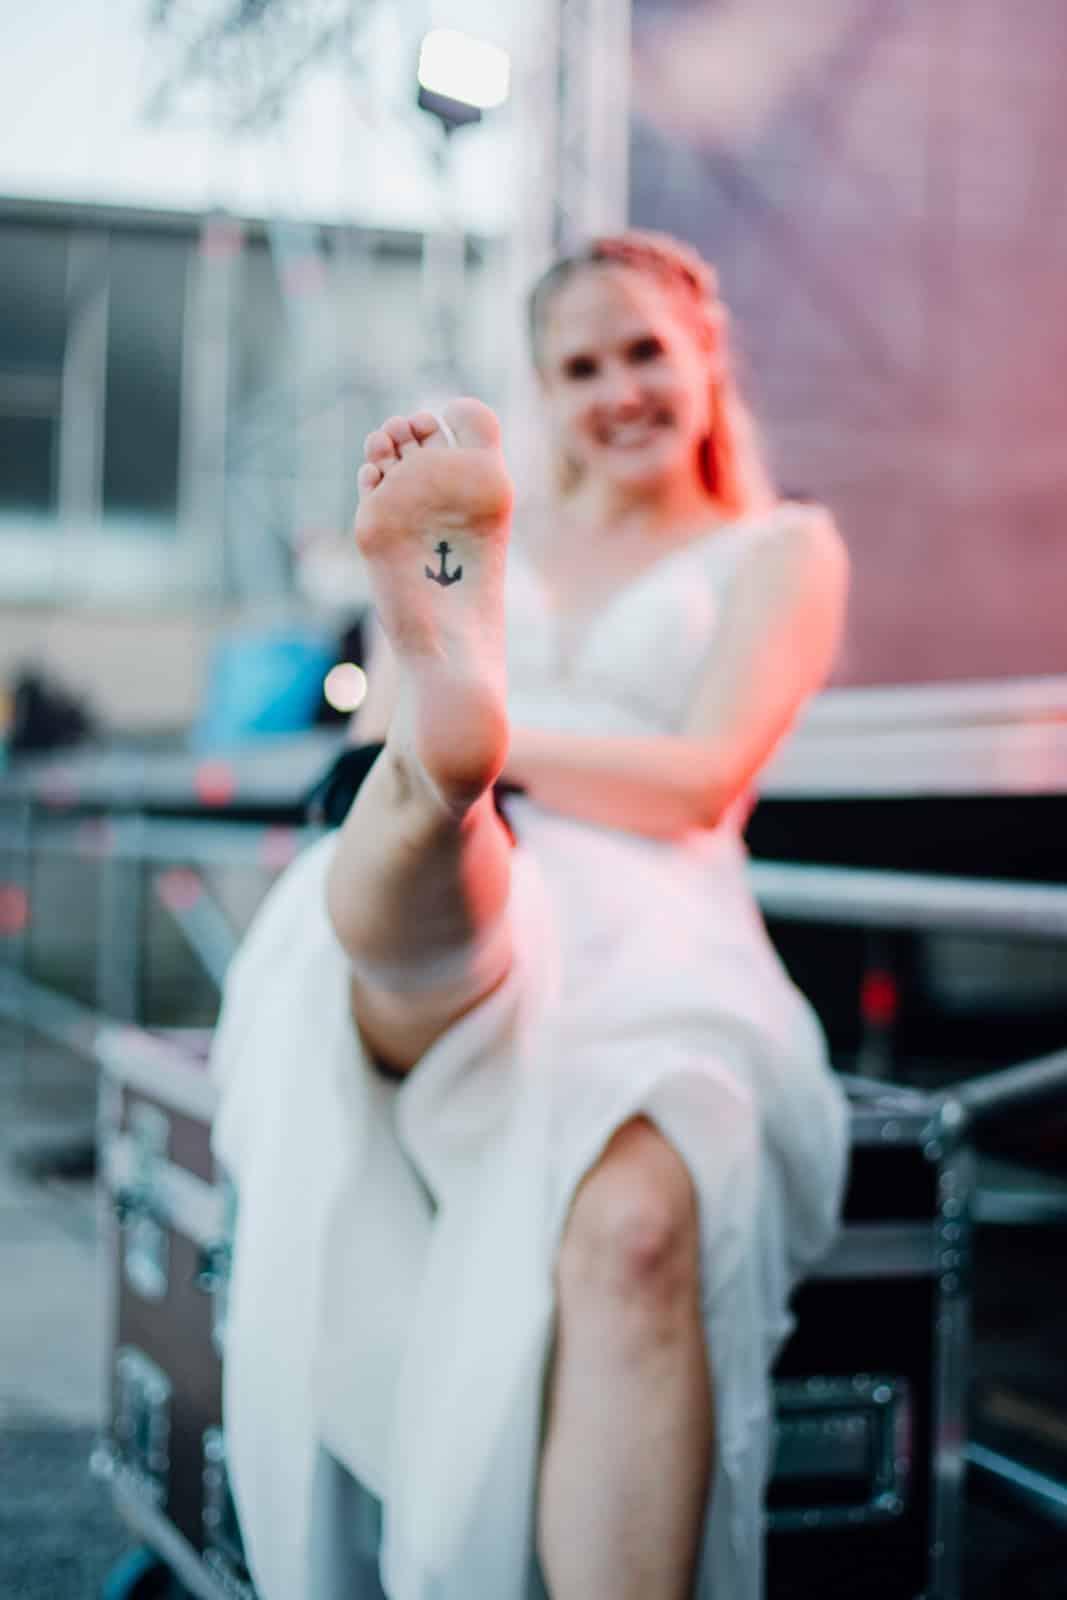 Braut hält Fuß in die Kamera worauf ein Anker tätowiert ist.